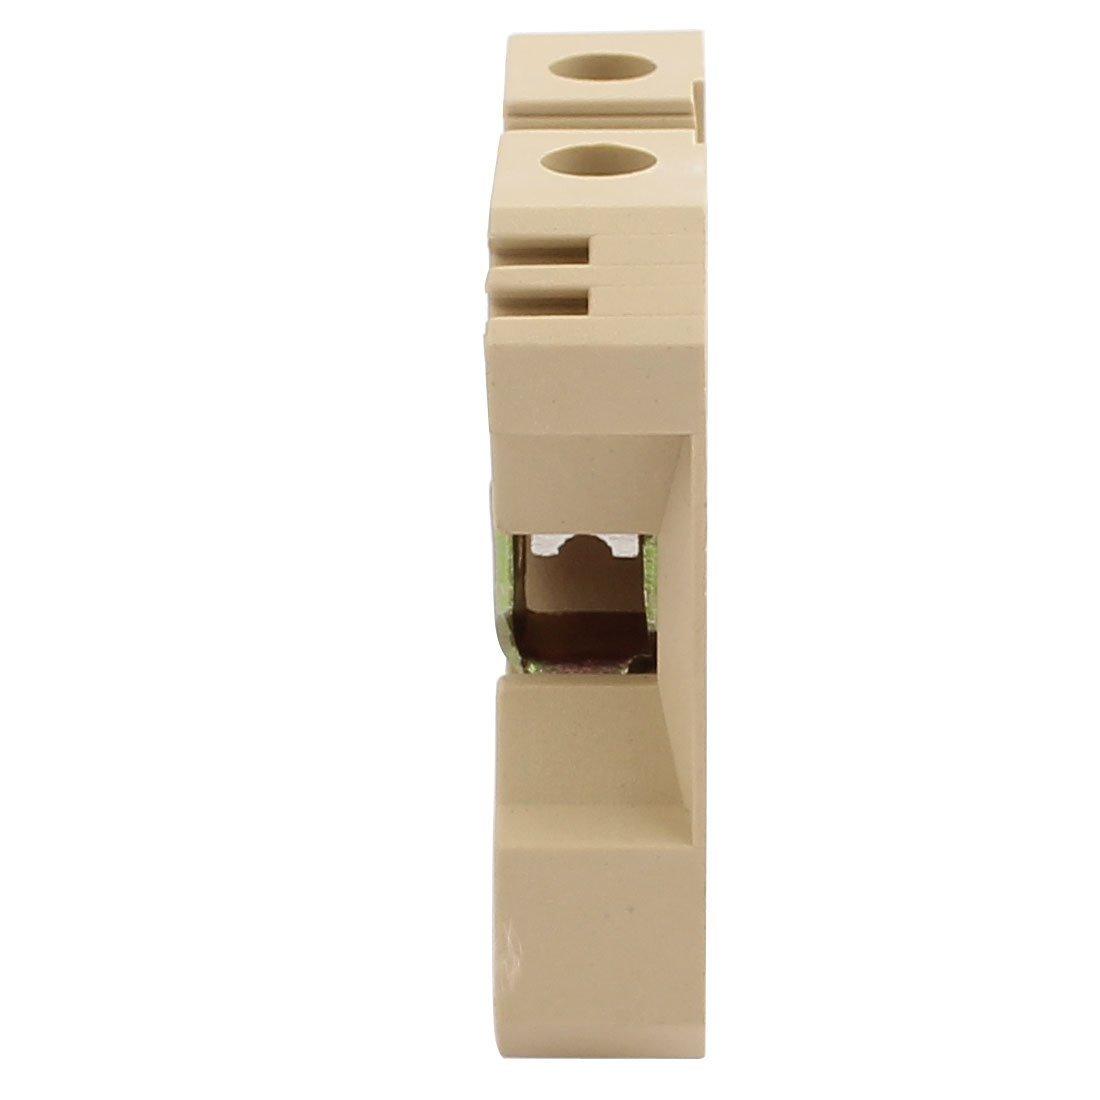 Amazon.com: eDealMax 50pcs 52x50x12mm 800V 76A 16mm2 SAK-16ES DIN Terminal de trenes de bloque conector de Color caqui: Electronics